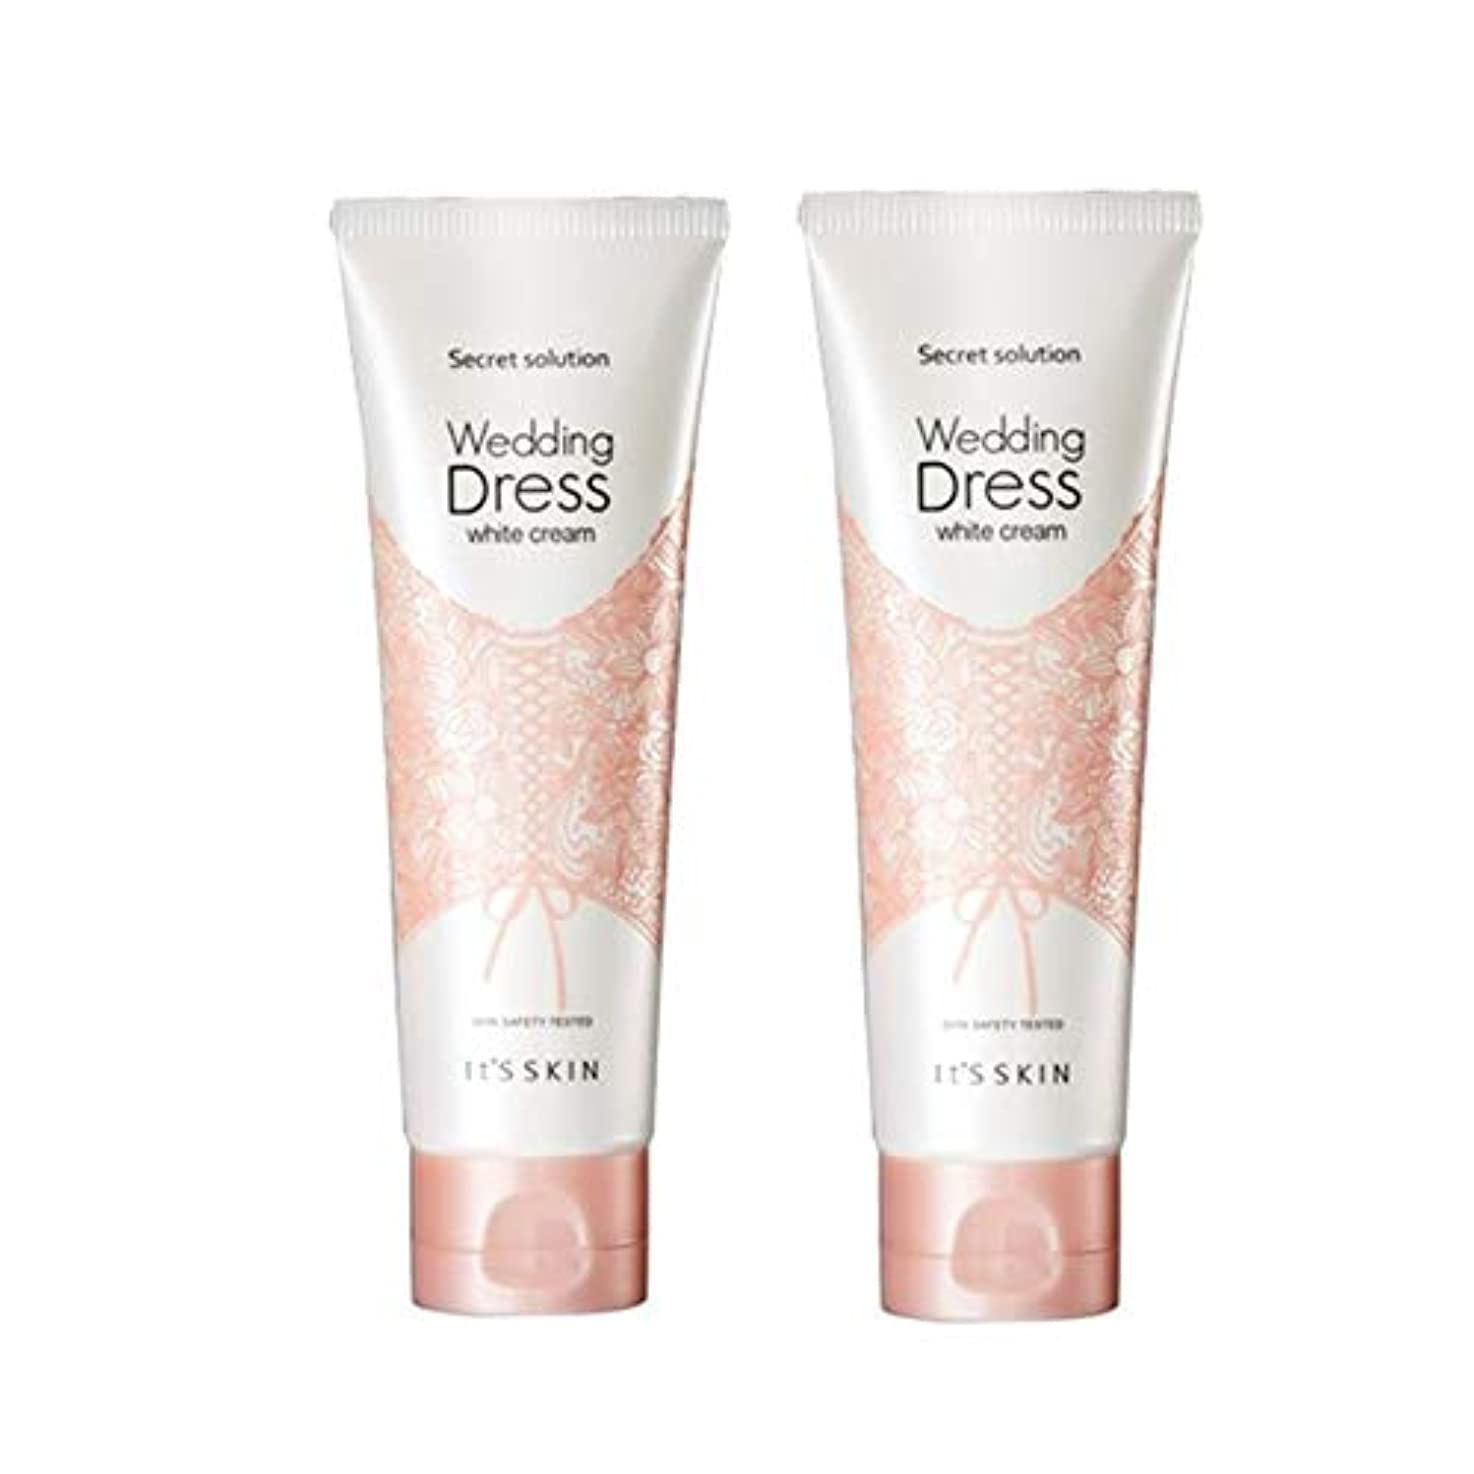 翻訳者差別的持ってるイッツスキンのシークレット?ソリューションウェディングドレス?ホワイトクリーム100mlx 2本セット、It's Skin Secret Solution Wedding Dress White Cream 100ml...